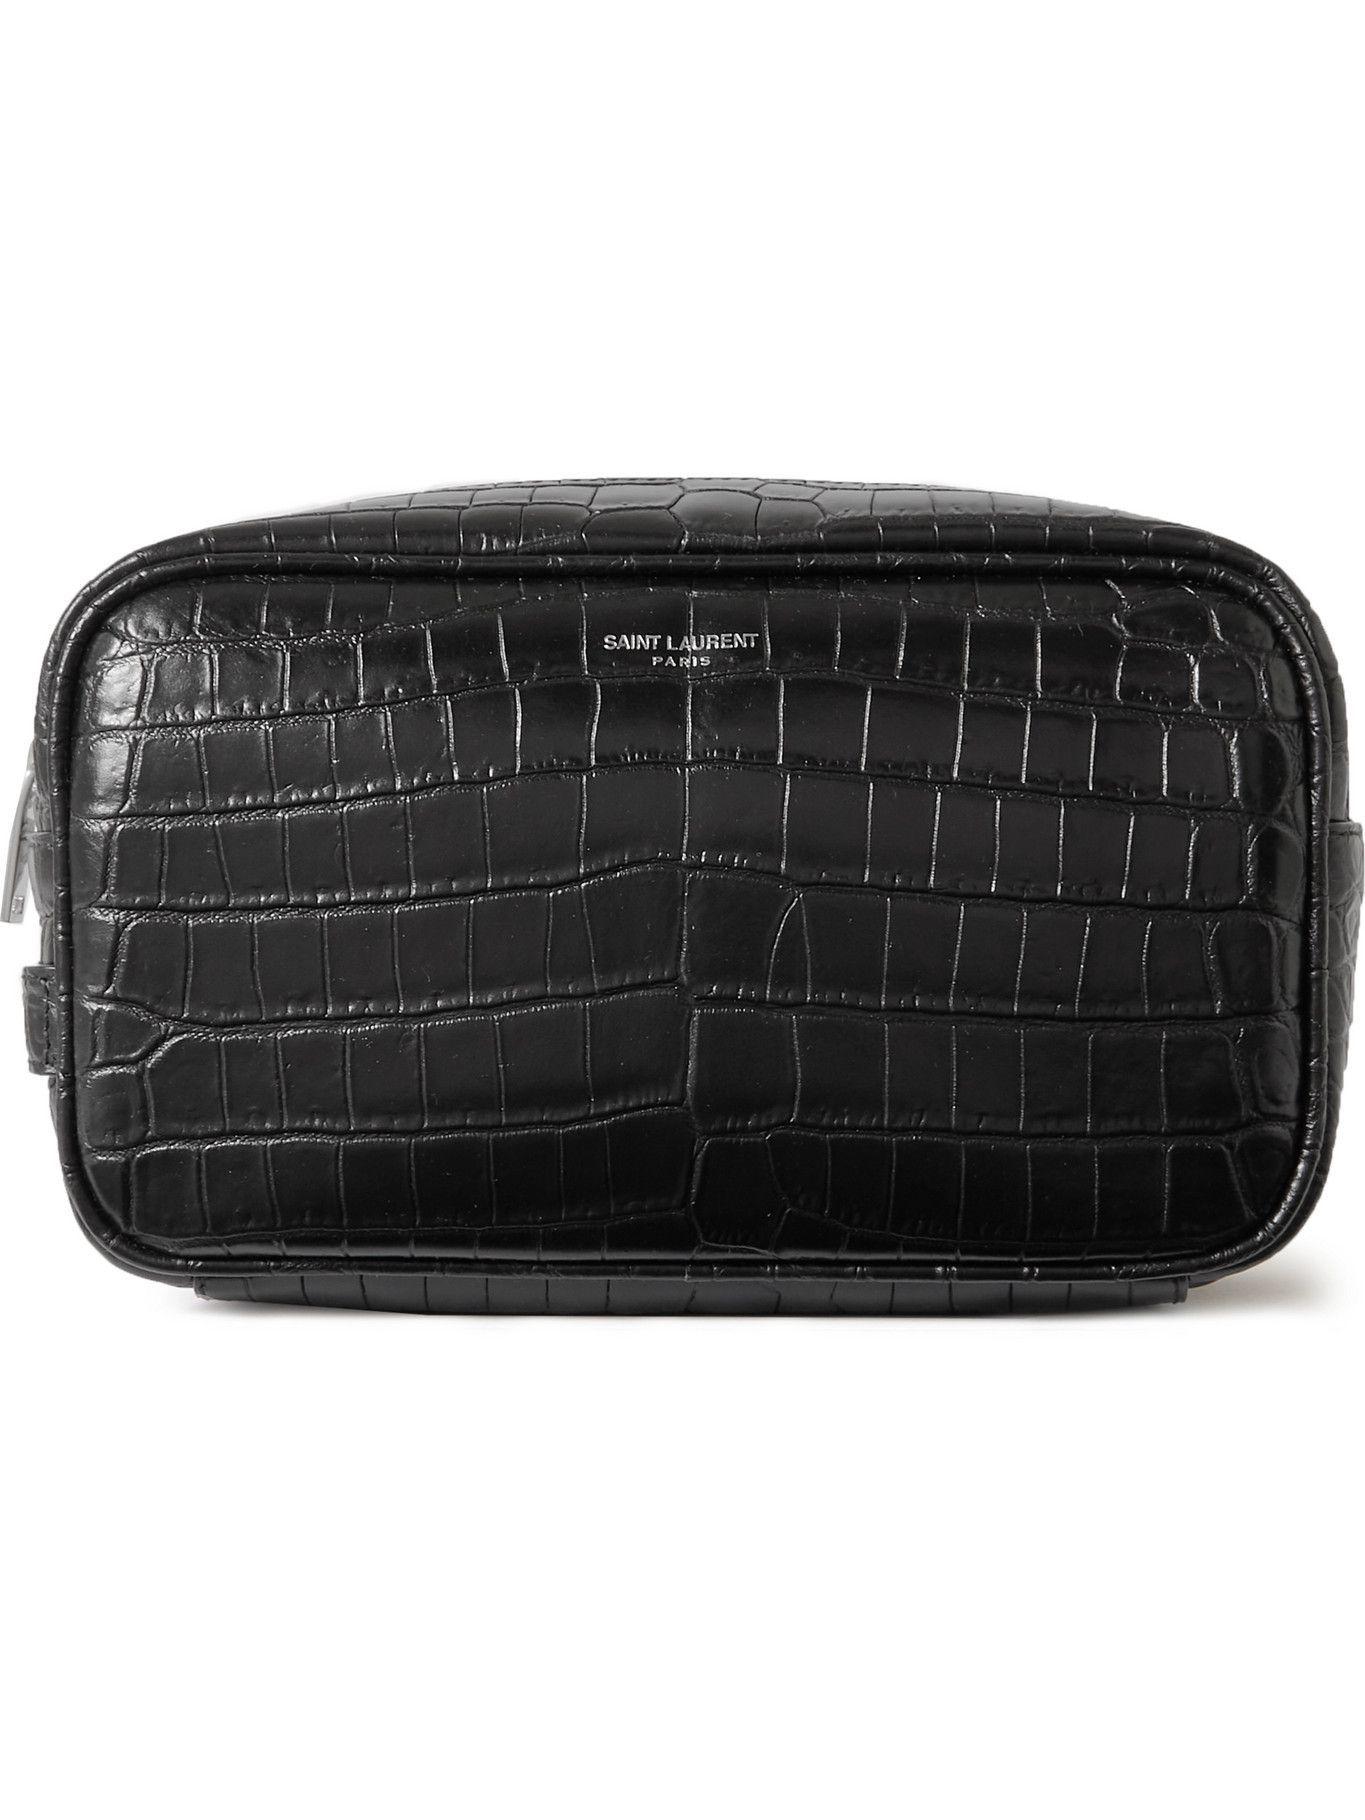 Photo: SAINT LAURENT - Croc-Effect Leather Wash Bag